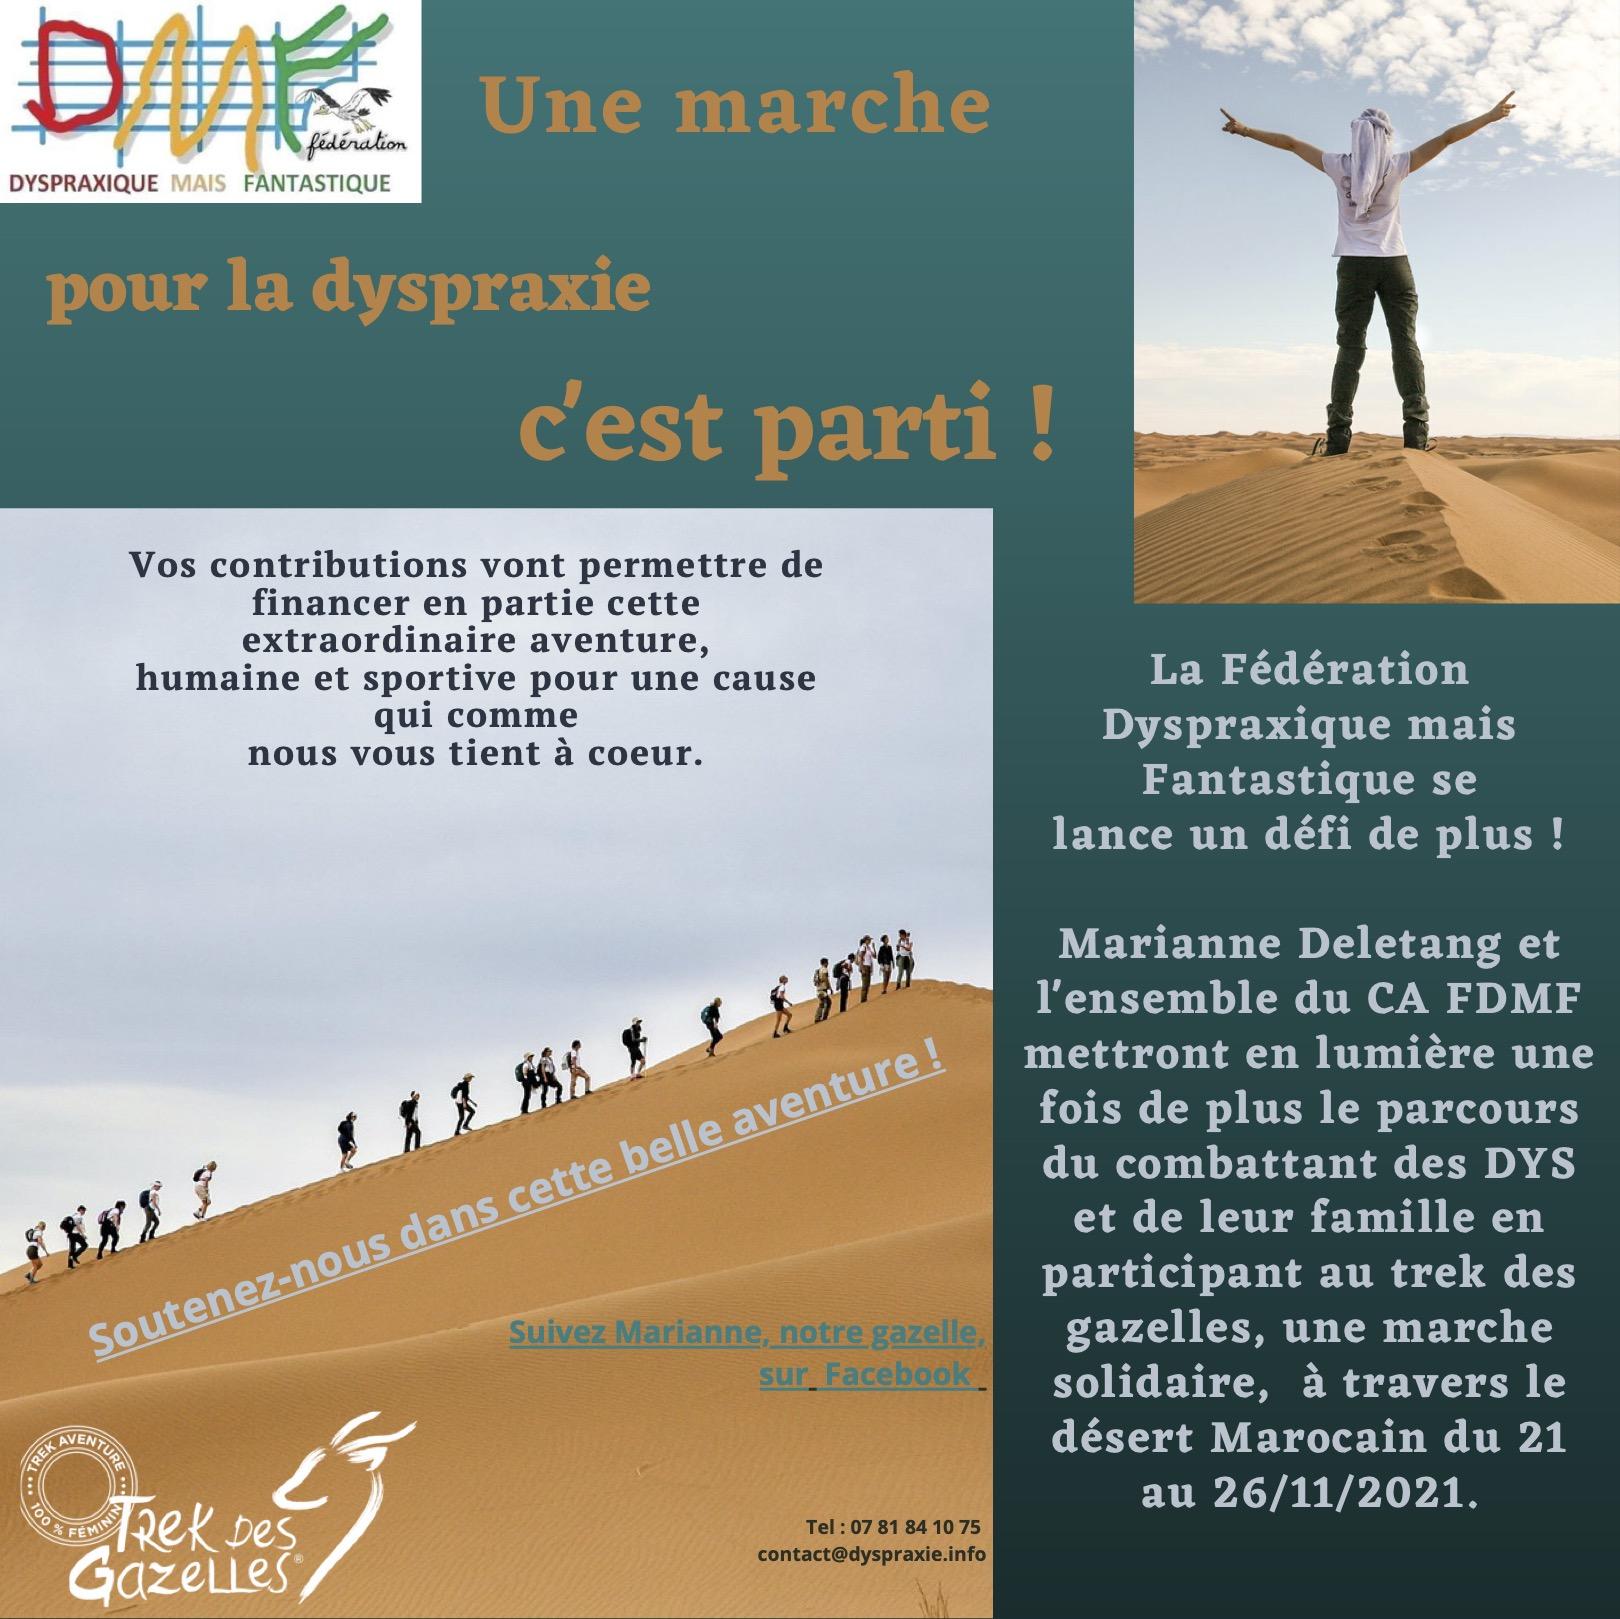 Affiche d'une marche pour la dyspraxie